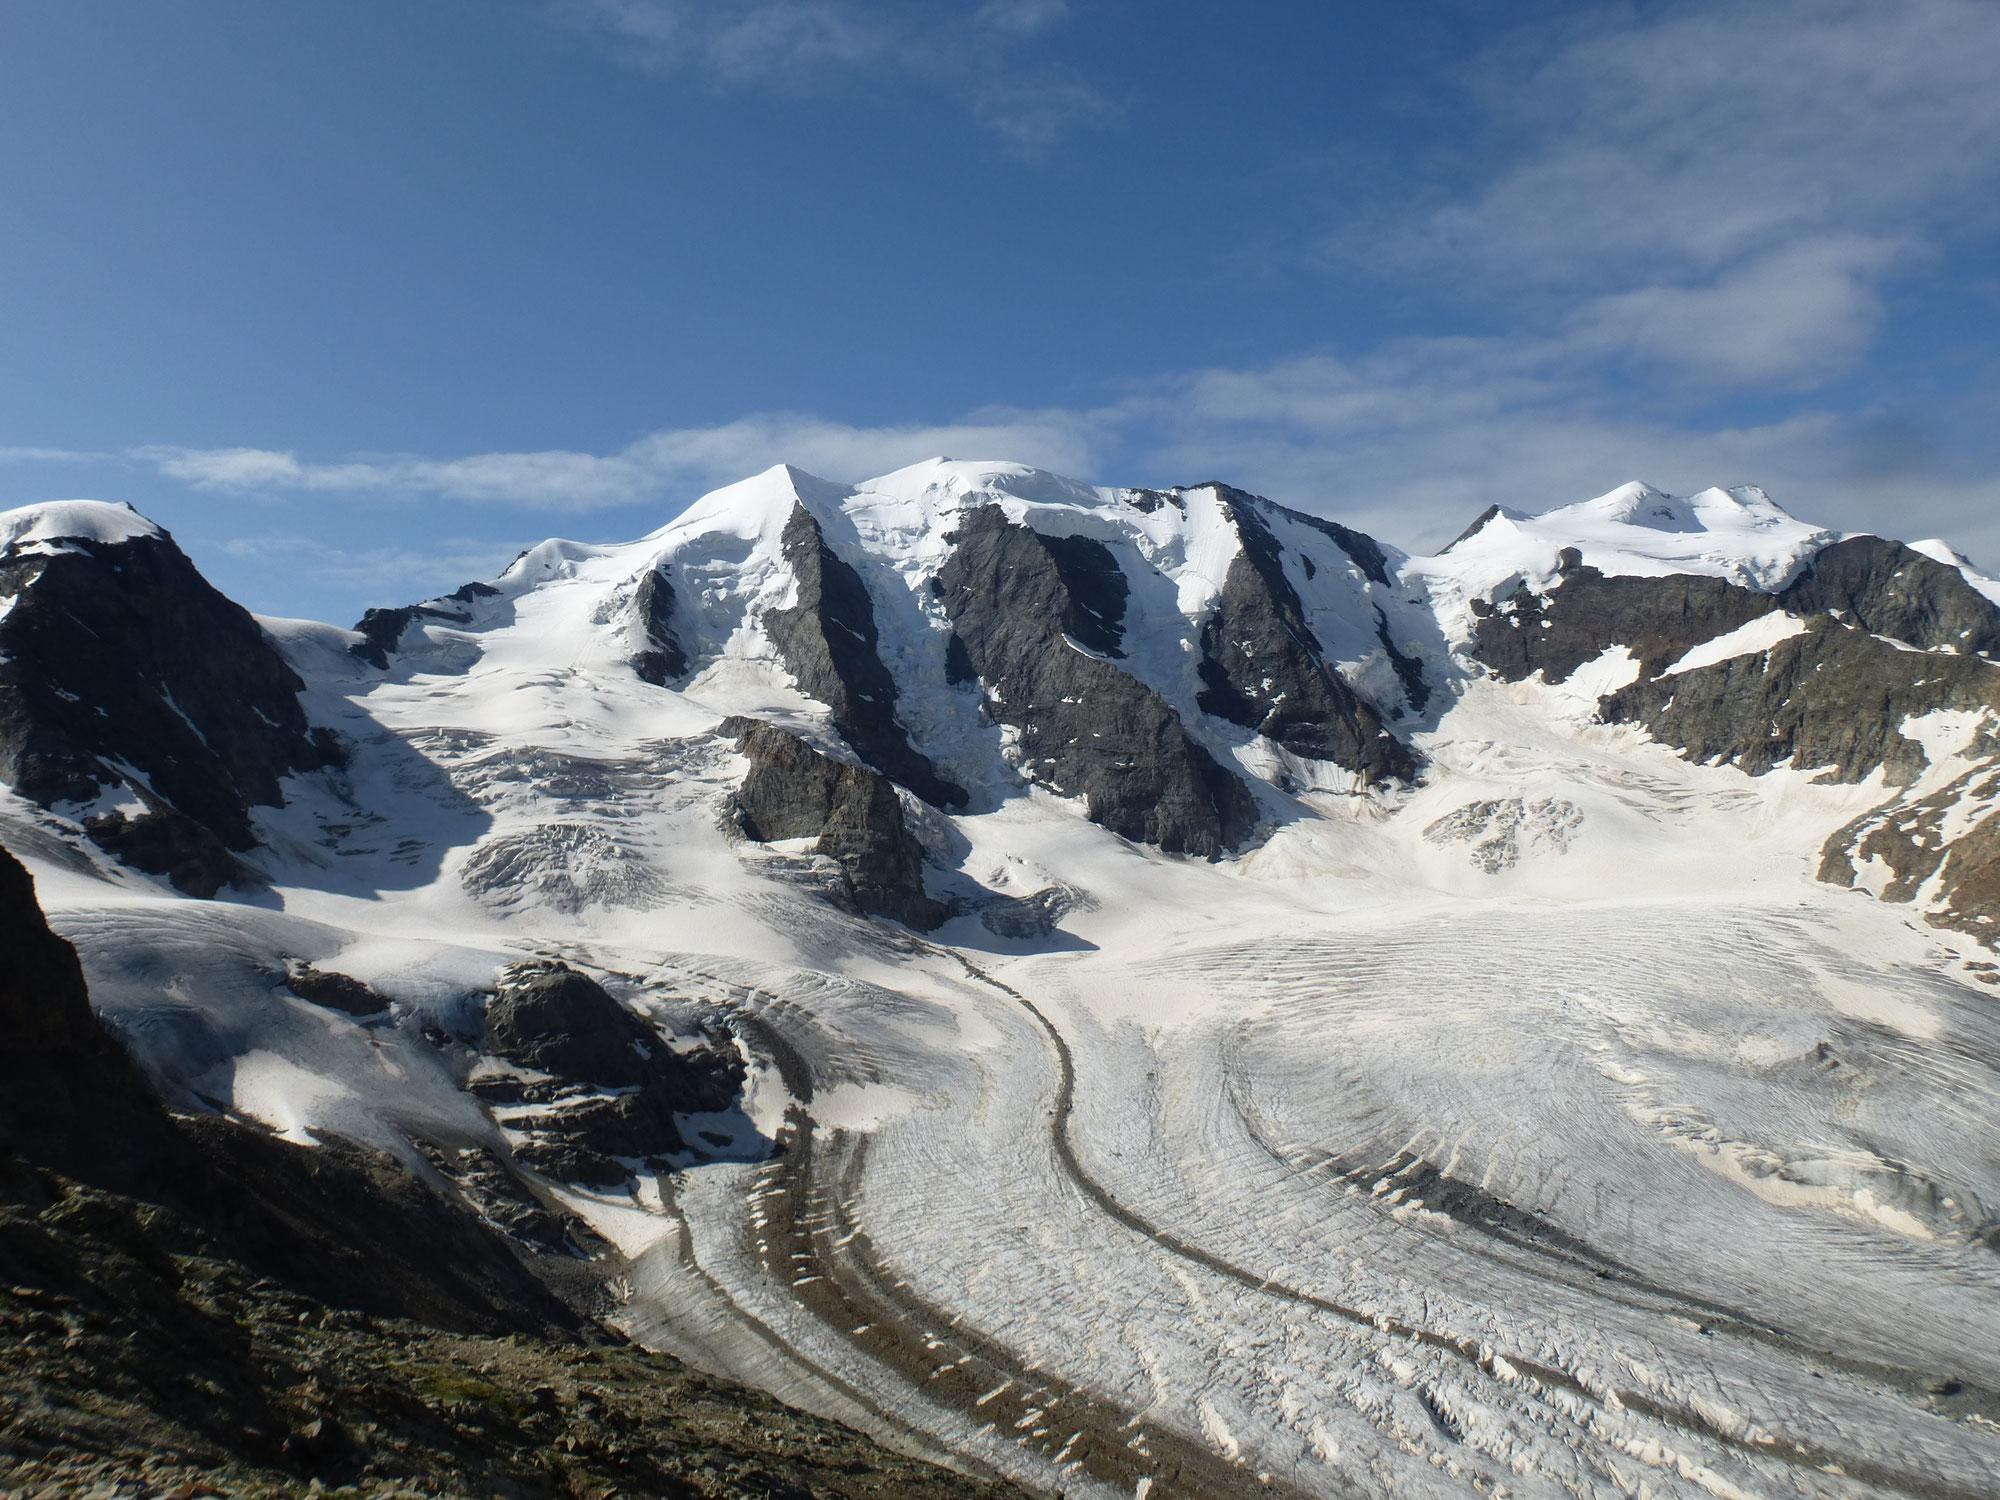 Piz Palü 3905m - Piz Bernina 4049m